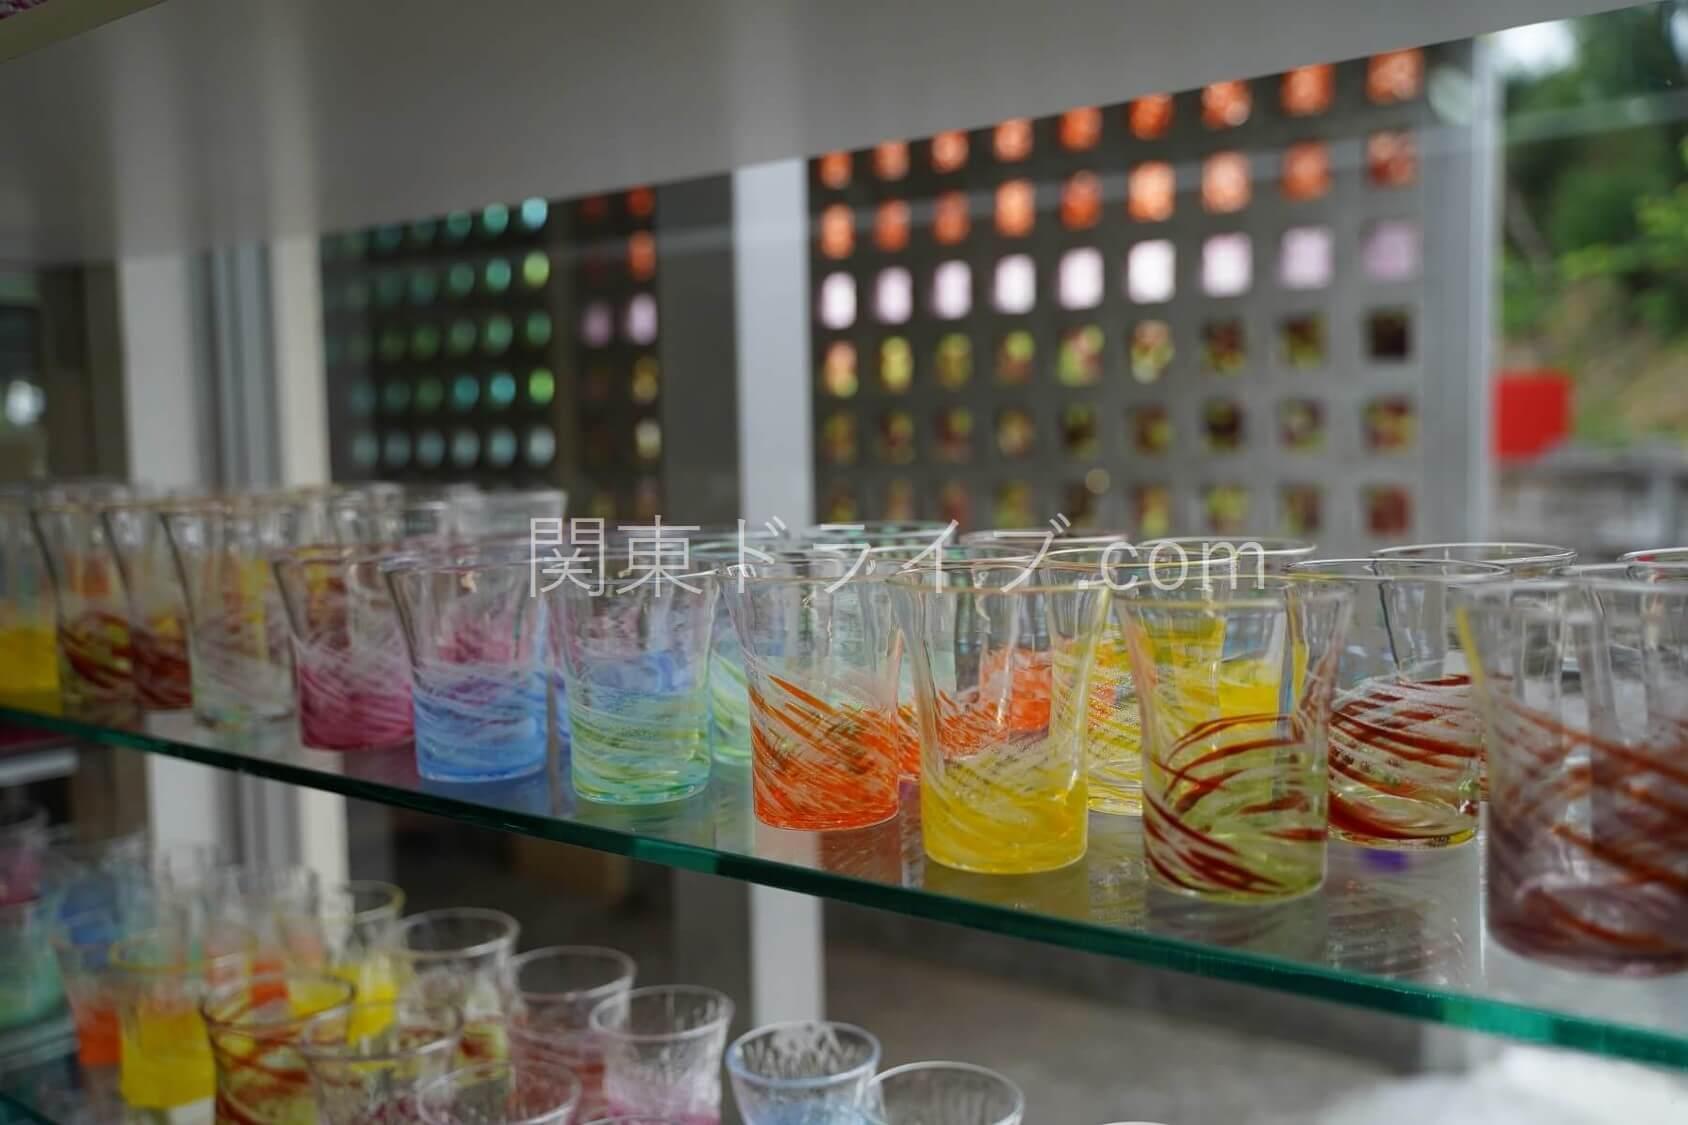 「匠工房」の琉球ガラス2